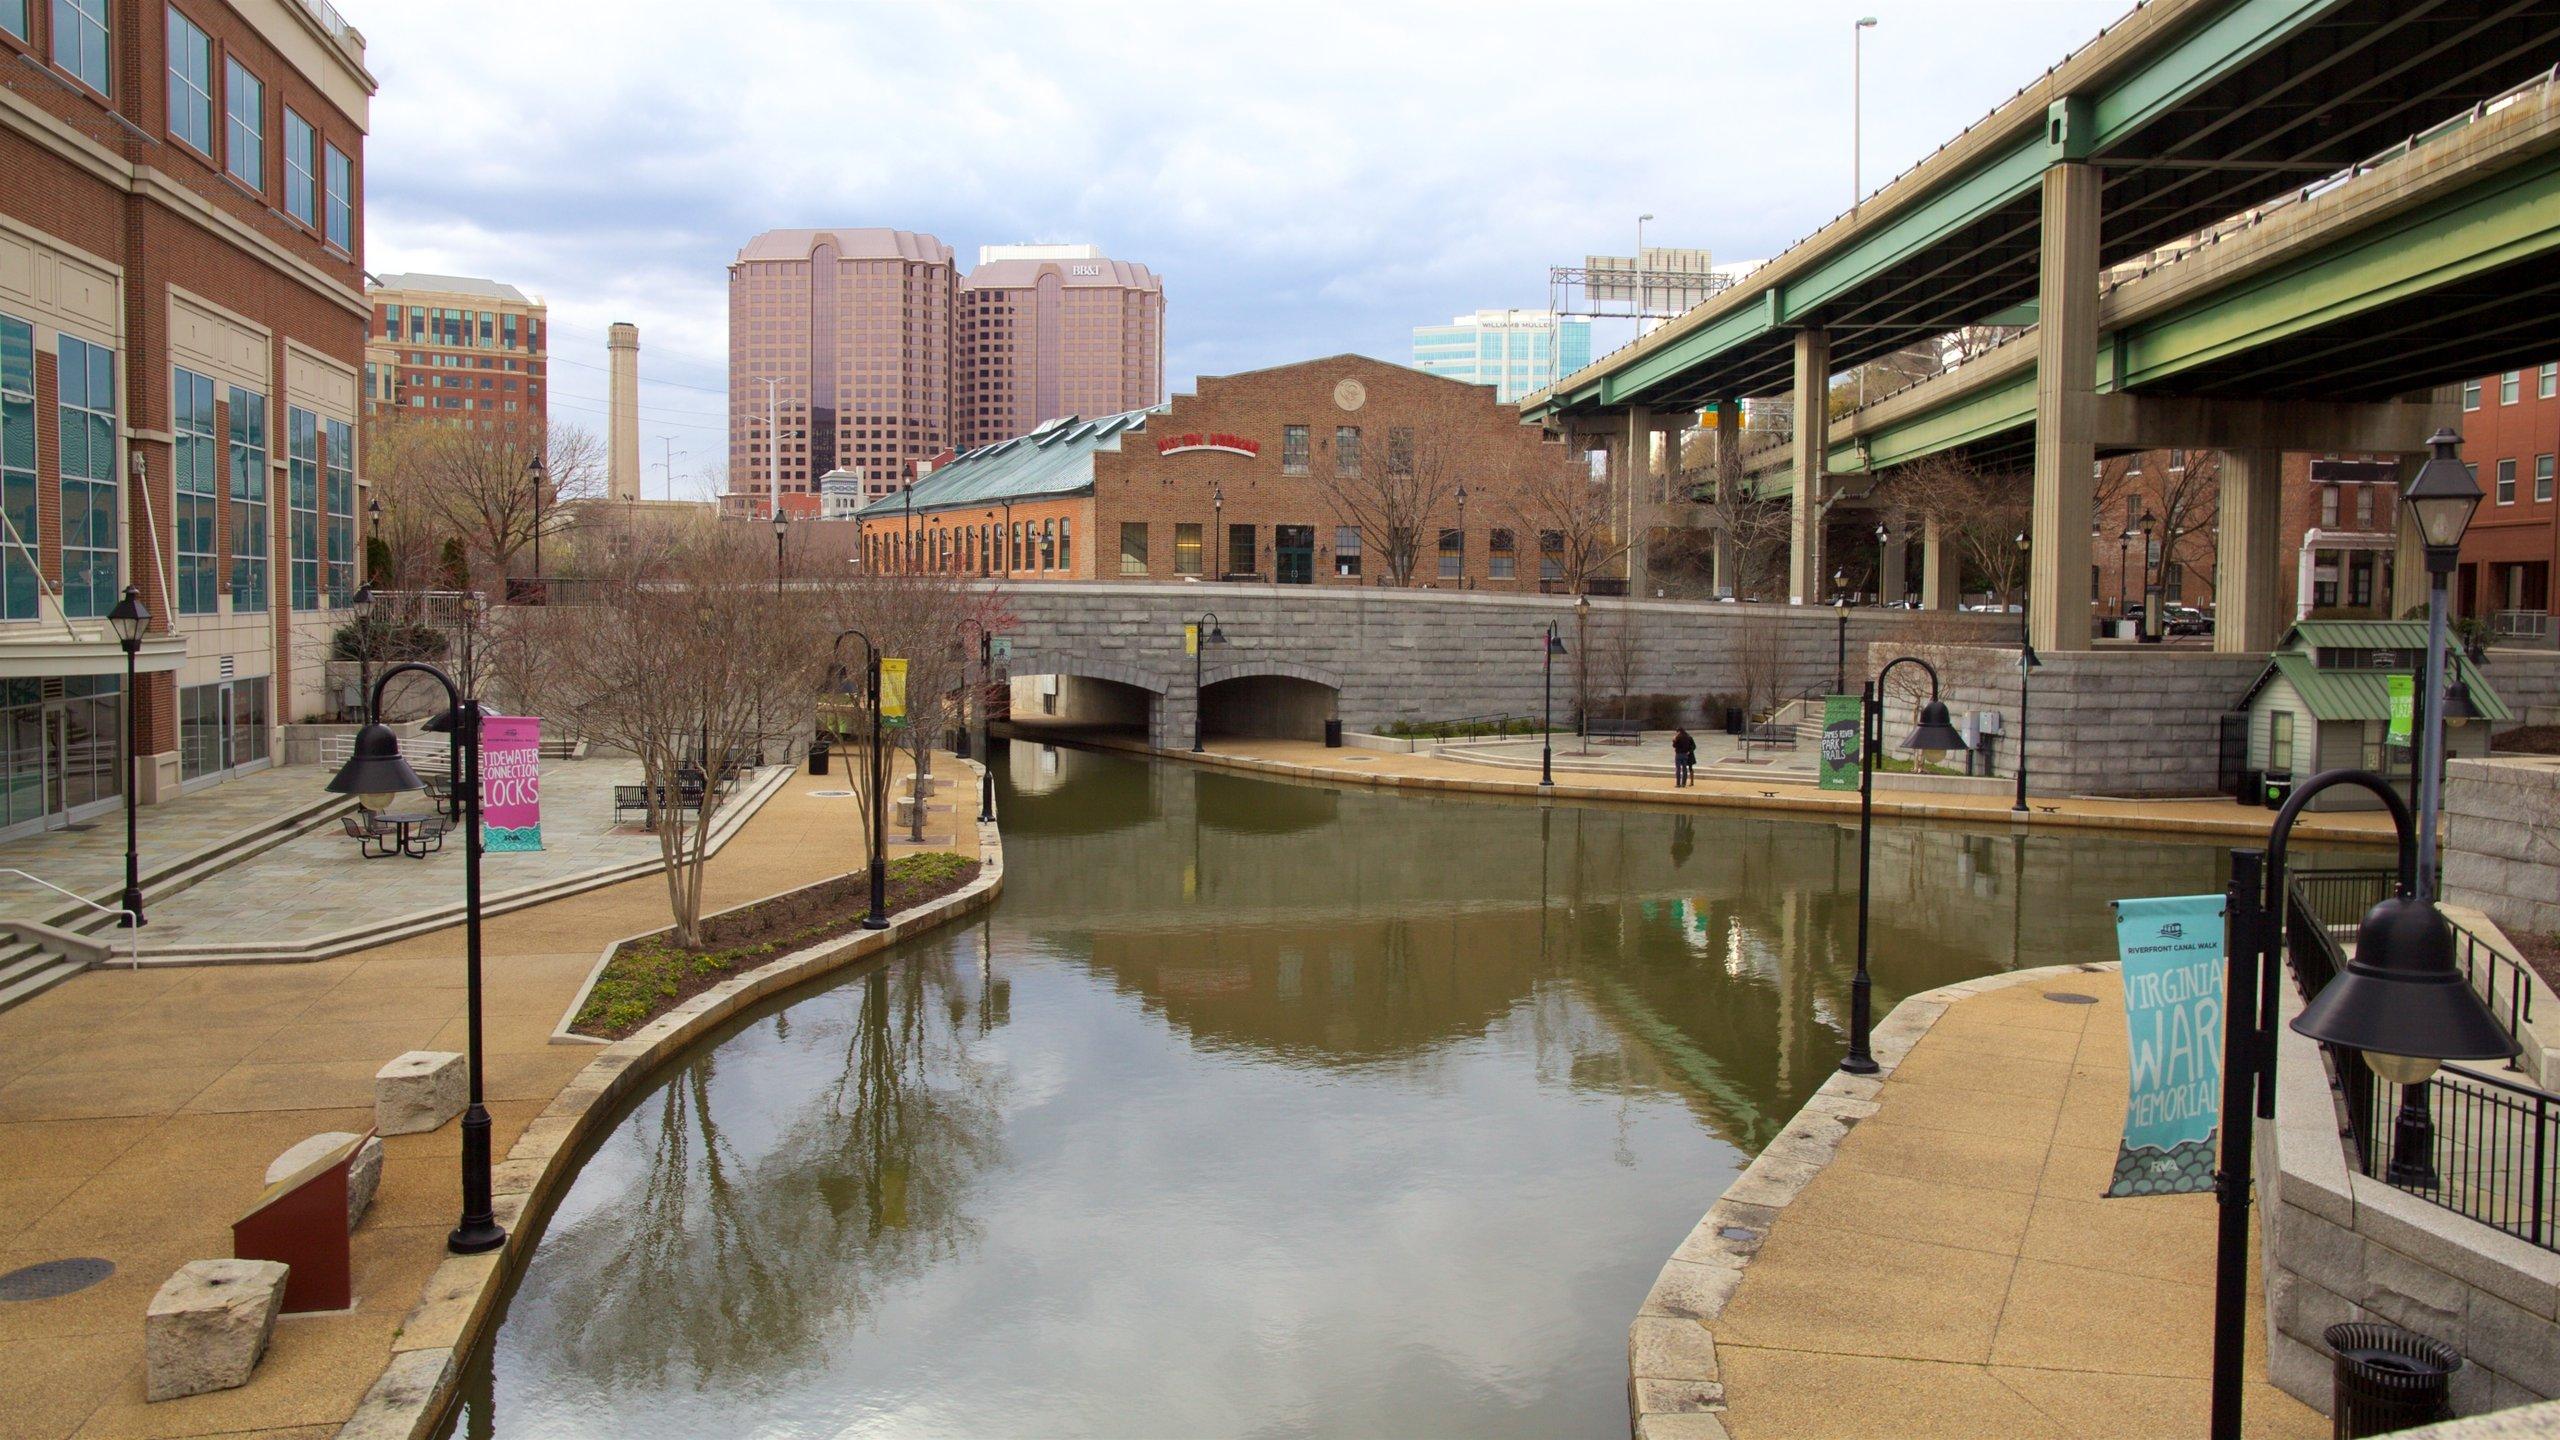 Richmond joka esittää silta, joki tai puro ja kaupunki